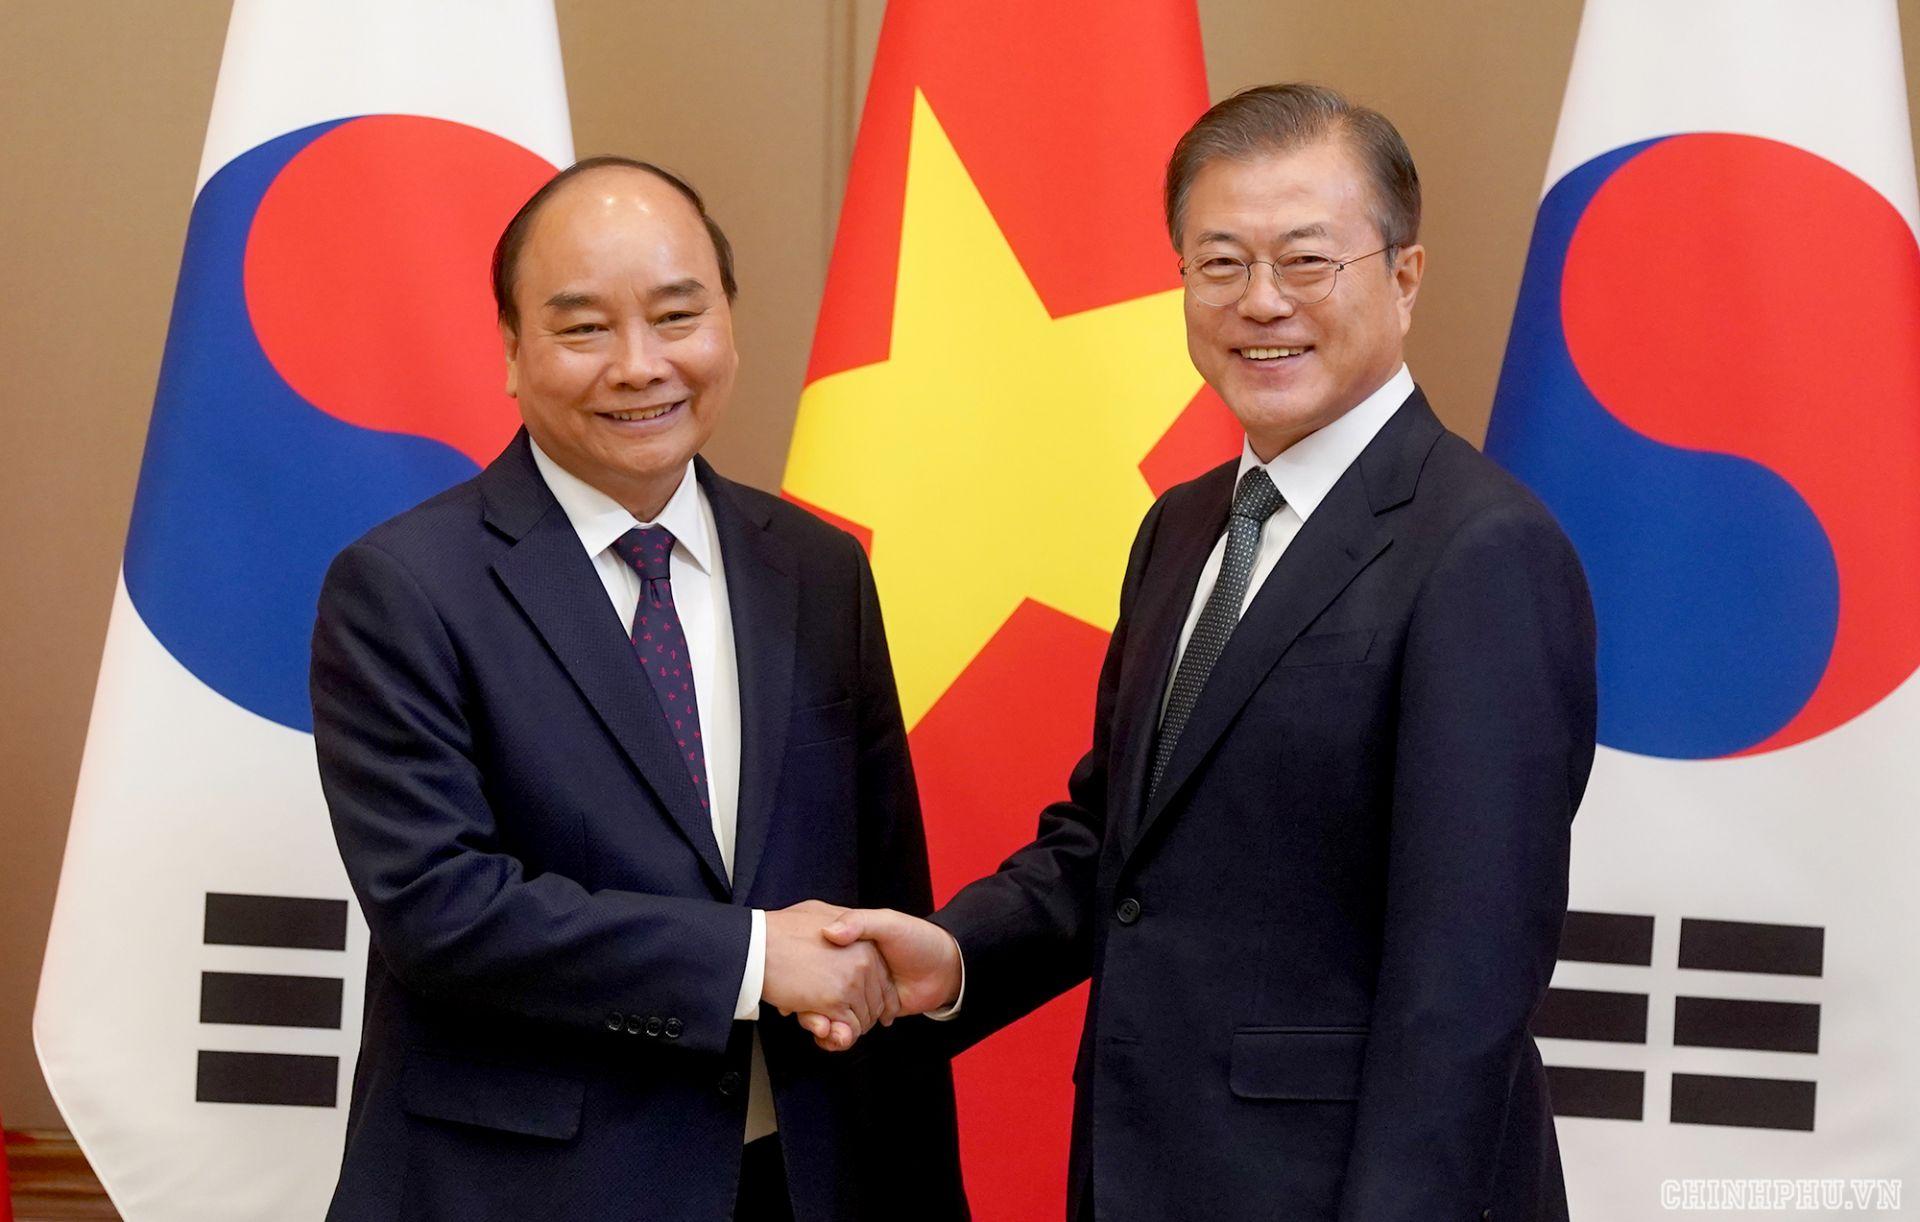 Chính Phủ hai nước hợp tác quan hệ phát triển kinh tế dự thảo mở cửa lao động Việt